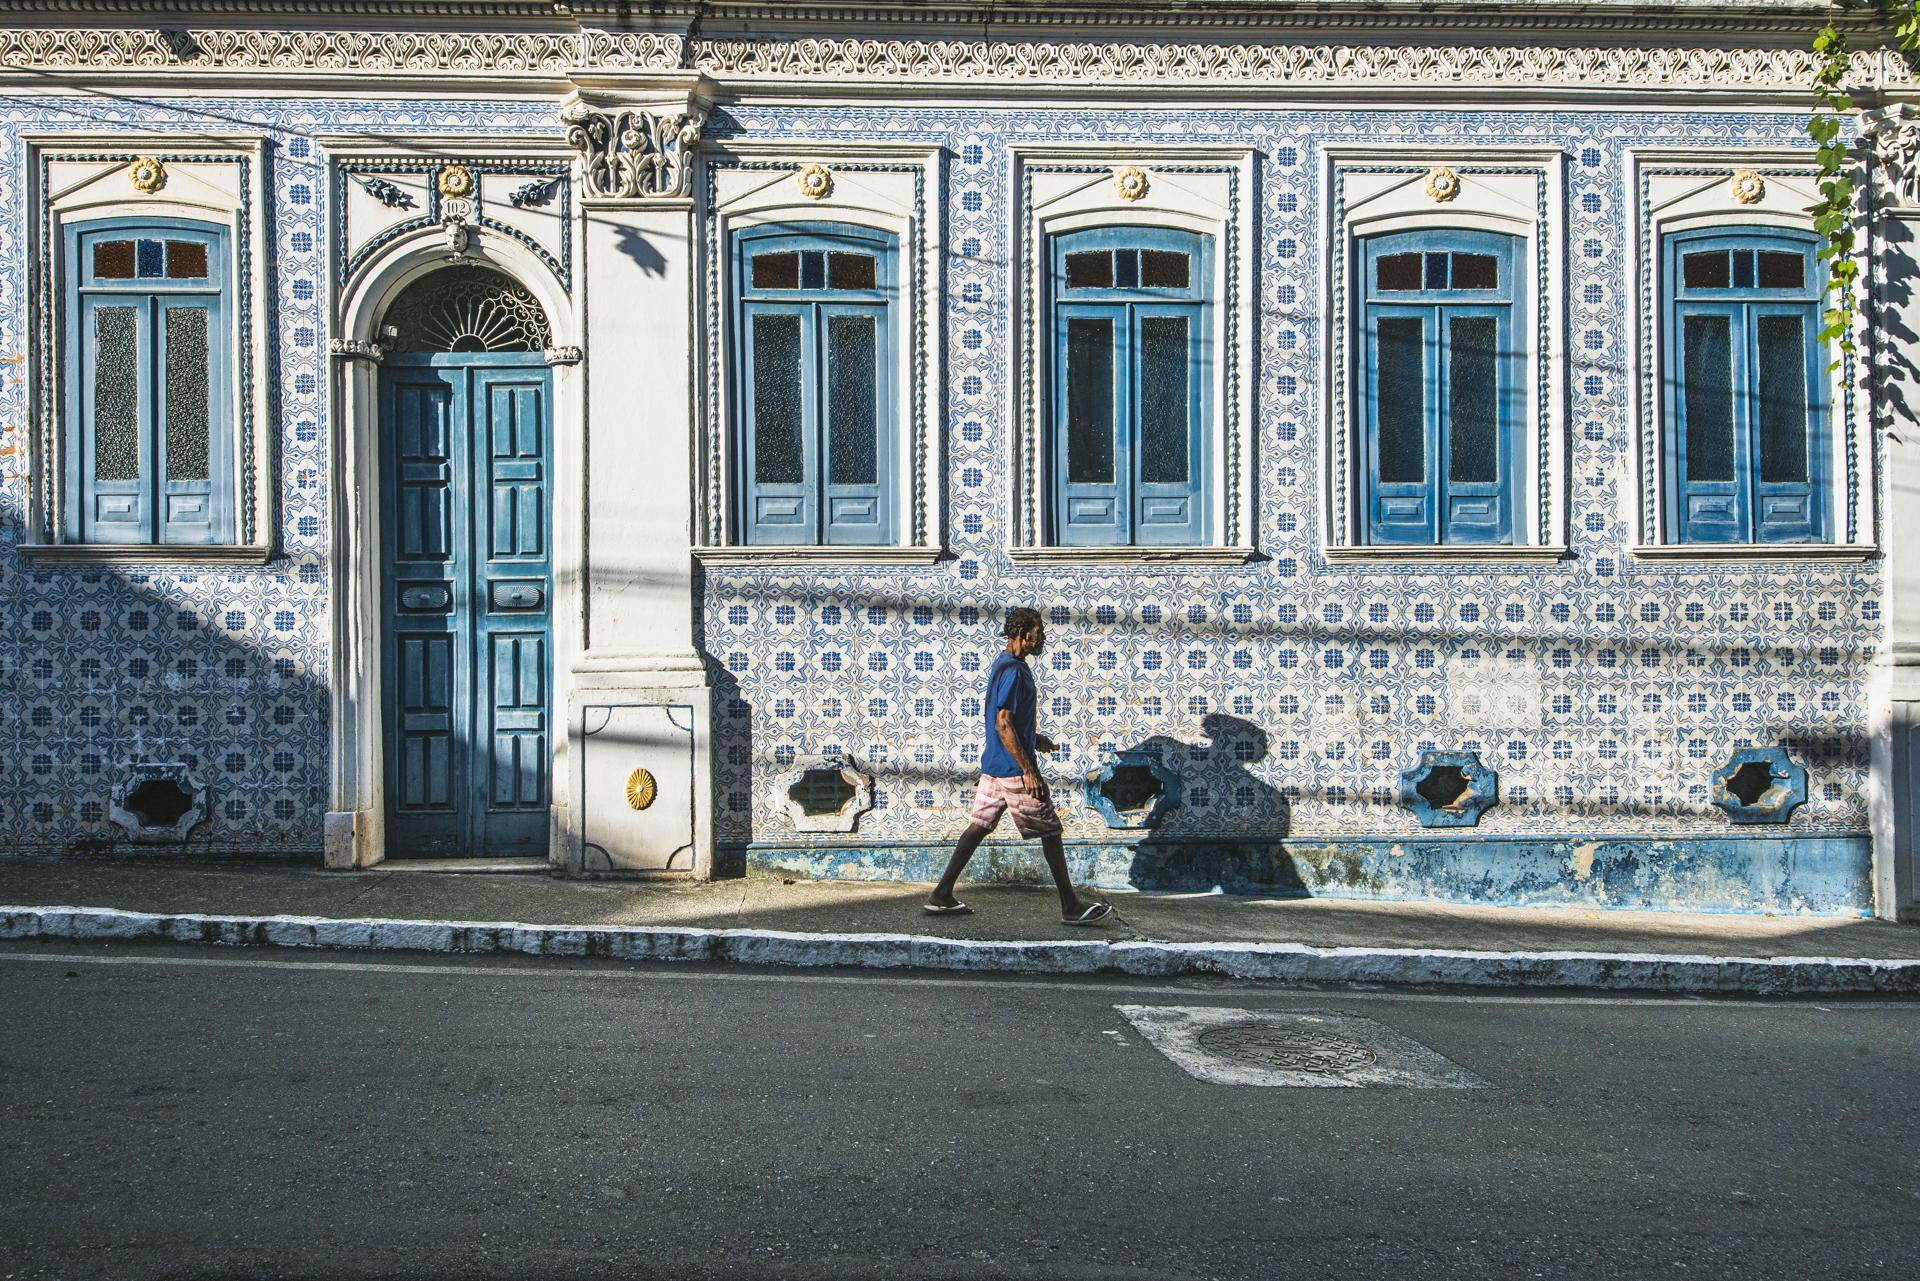 Historisches Gebäude der Pousada Barroco na Bahia, Salvador